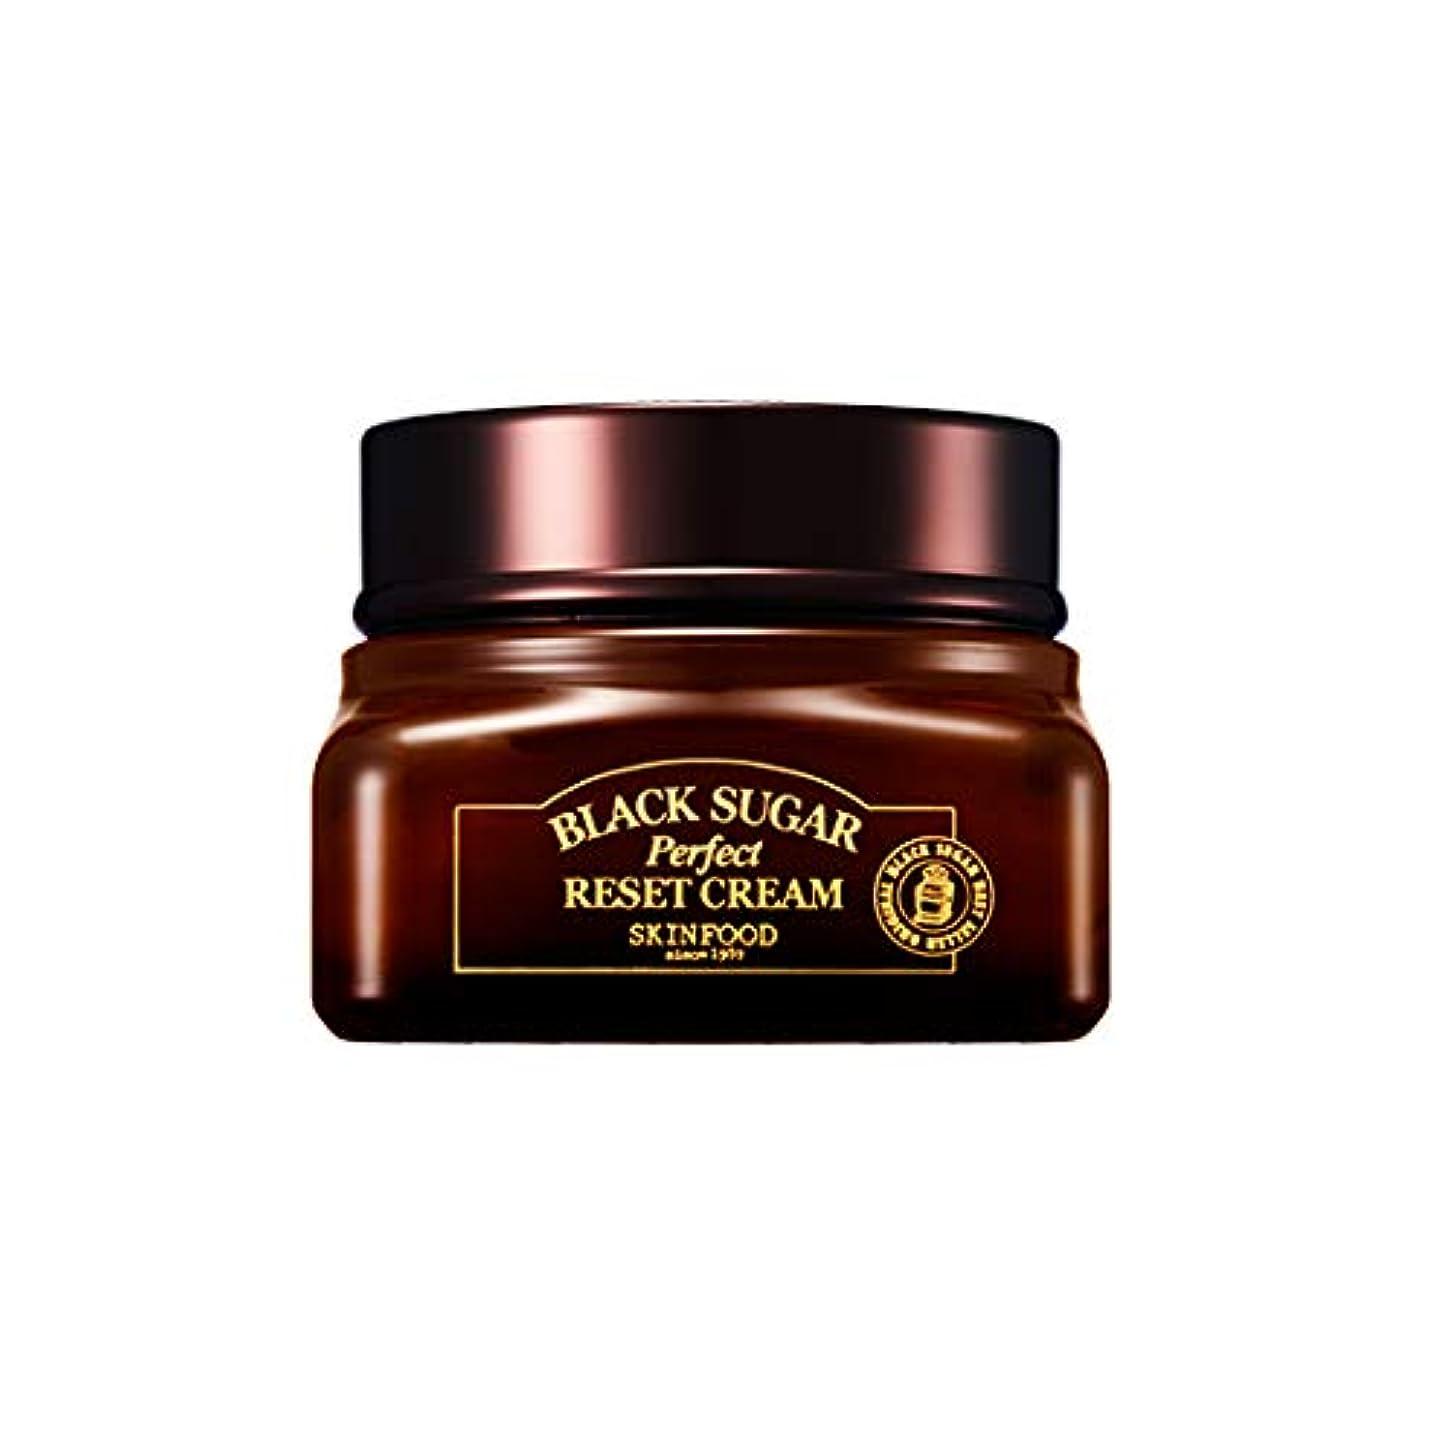 心臓負お母さんSkinfood 黒糖パーフェクトリセットクリーム/Black Sugar Perpect Reset Cream 60ml [並行輸入品]